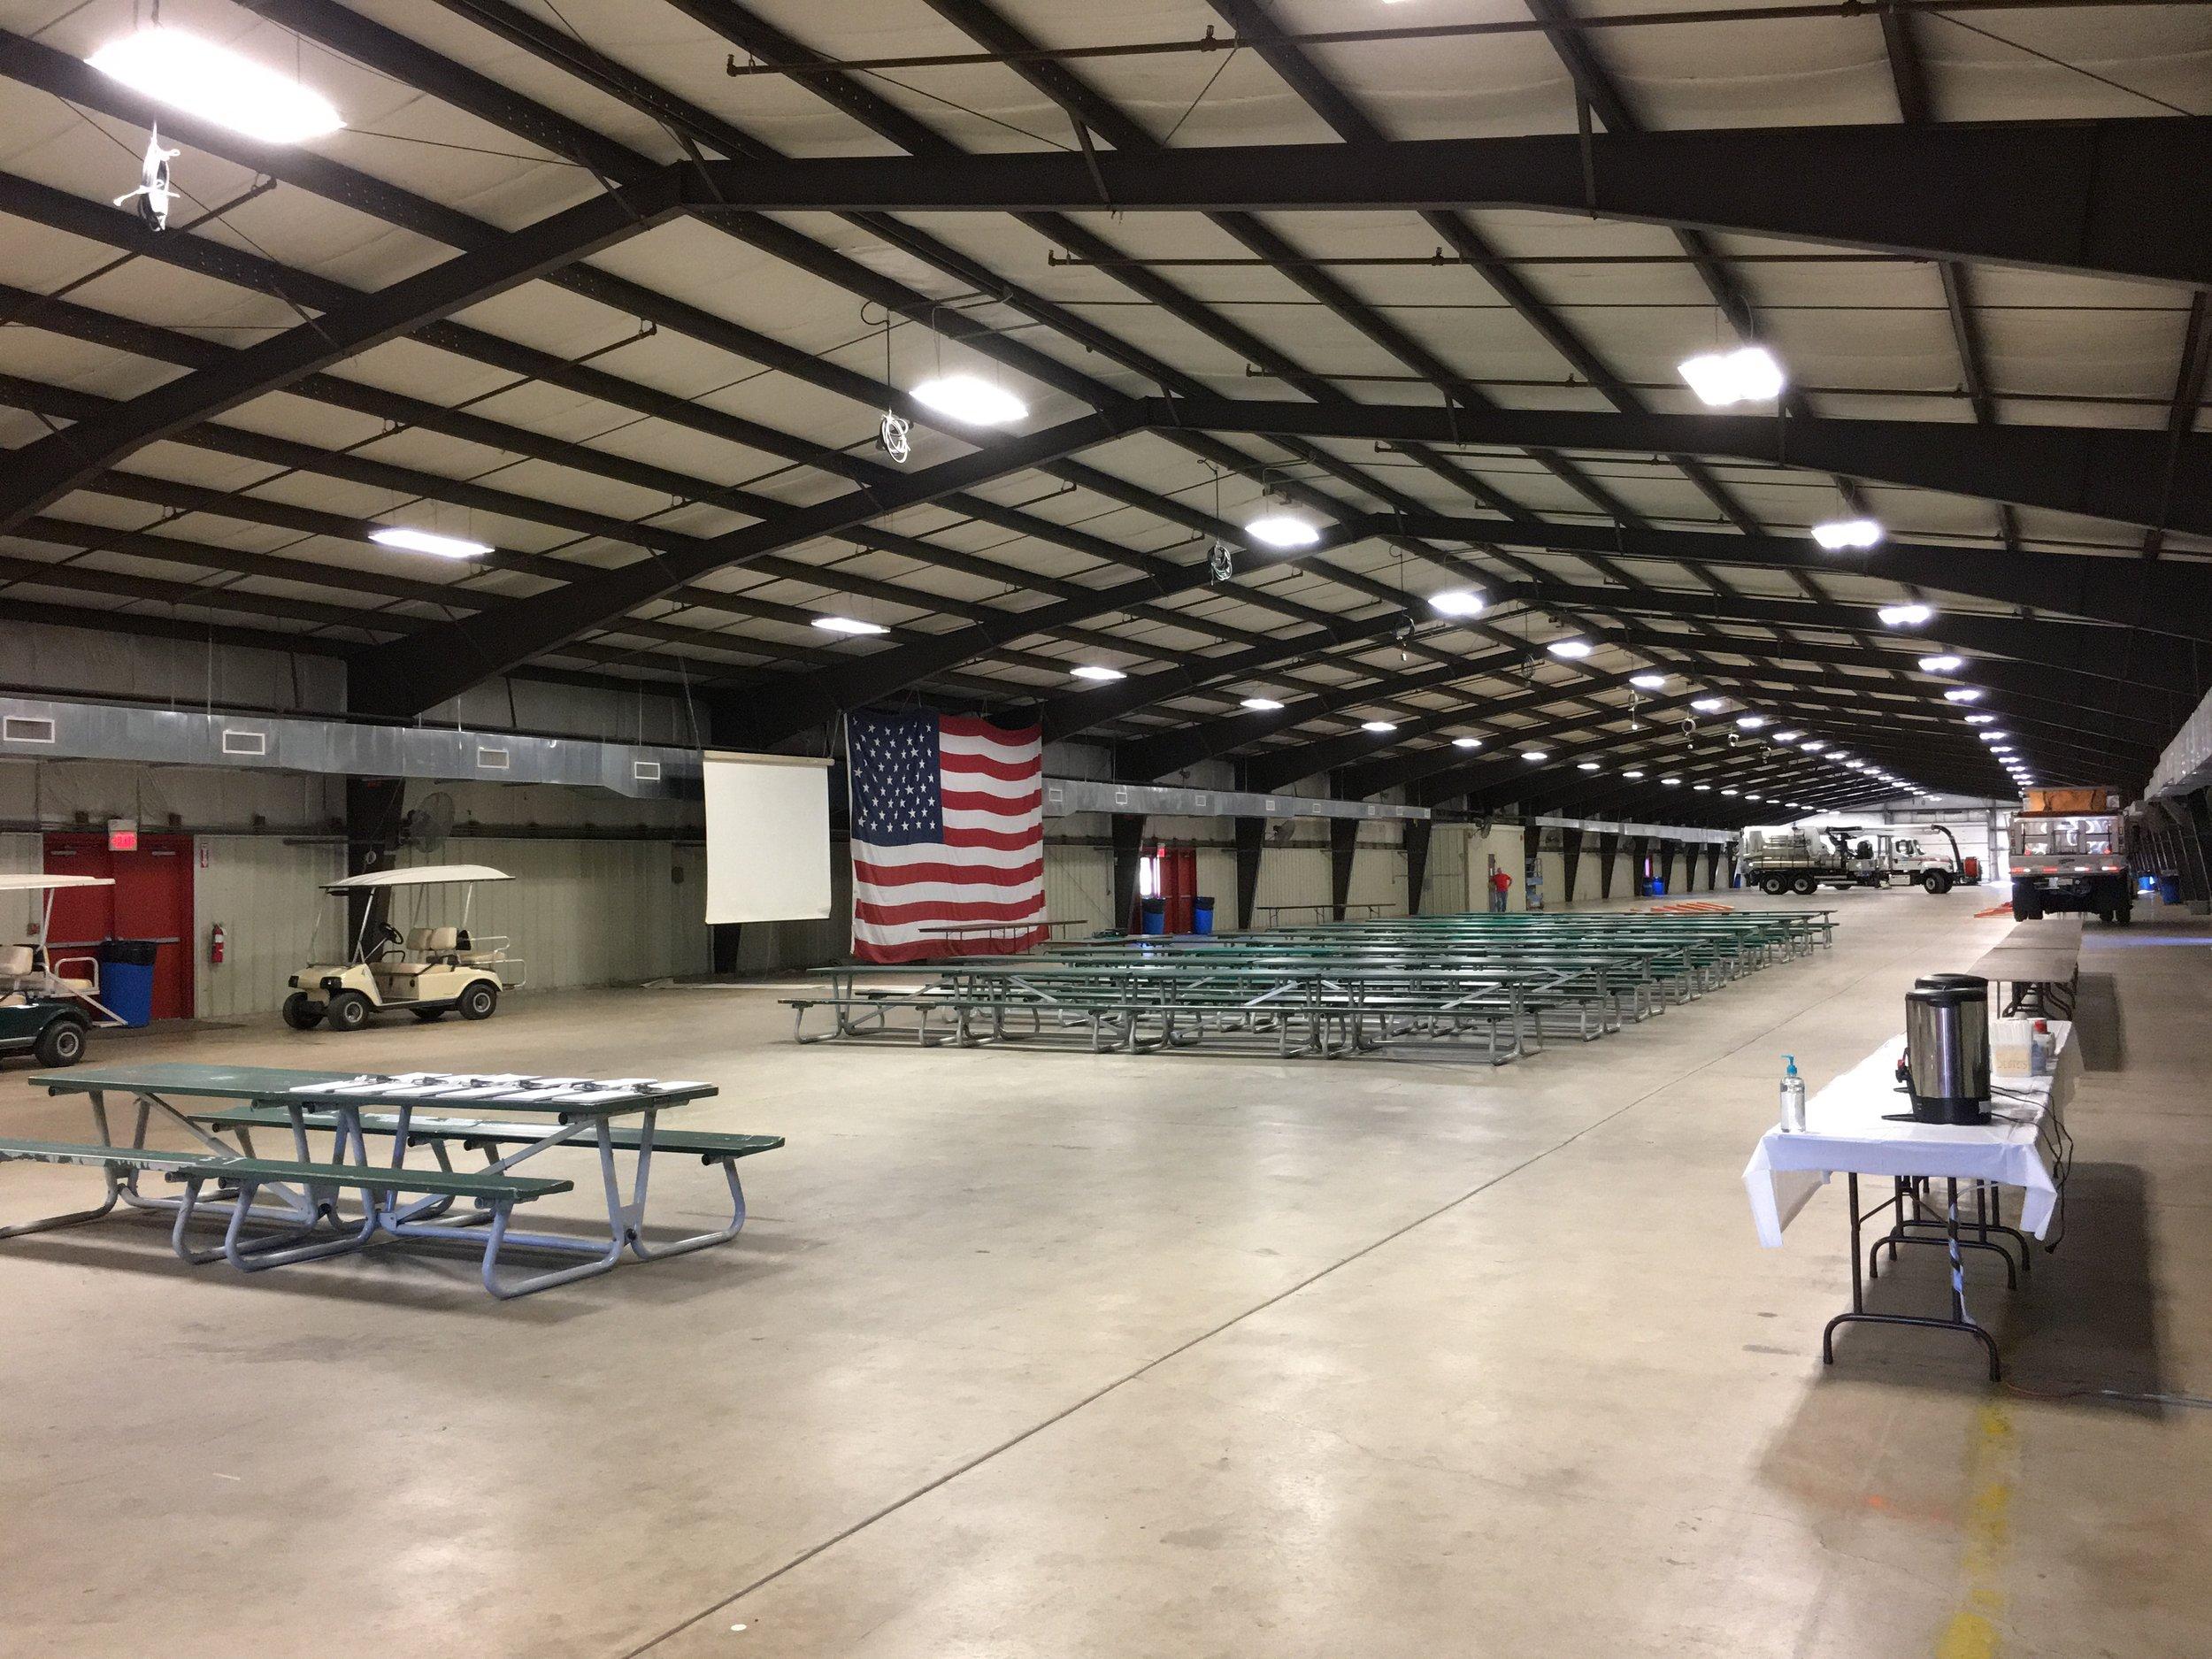 Main Exhibition Hall - Snow Rodeo (Oct. 3-5, 2017) - set up for indoor activities.JPG